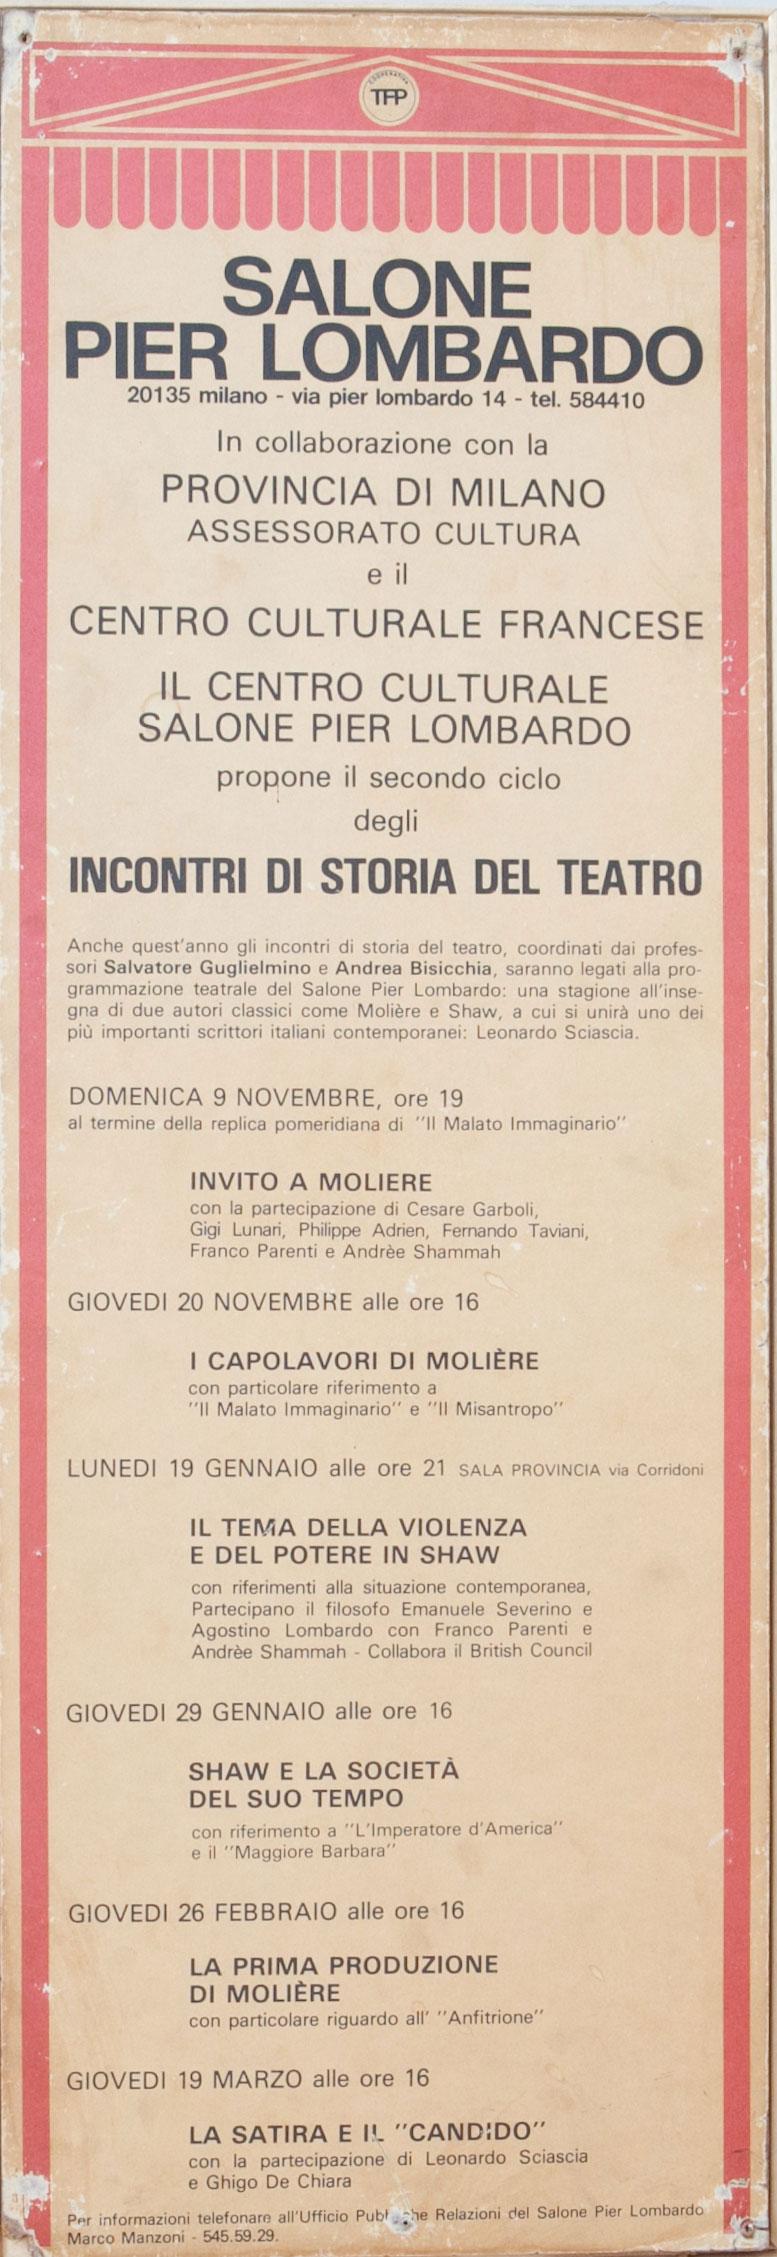 Locandina su una serie di incontri sulla storia del teatro